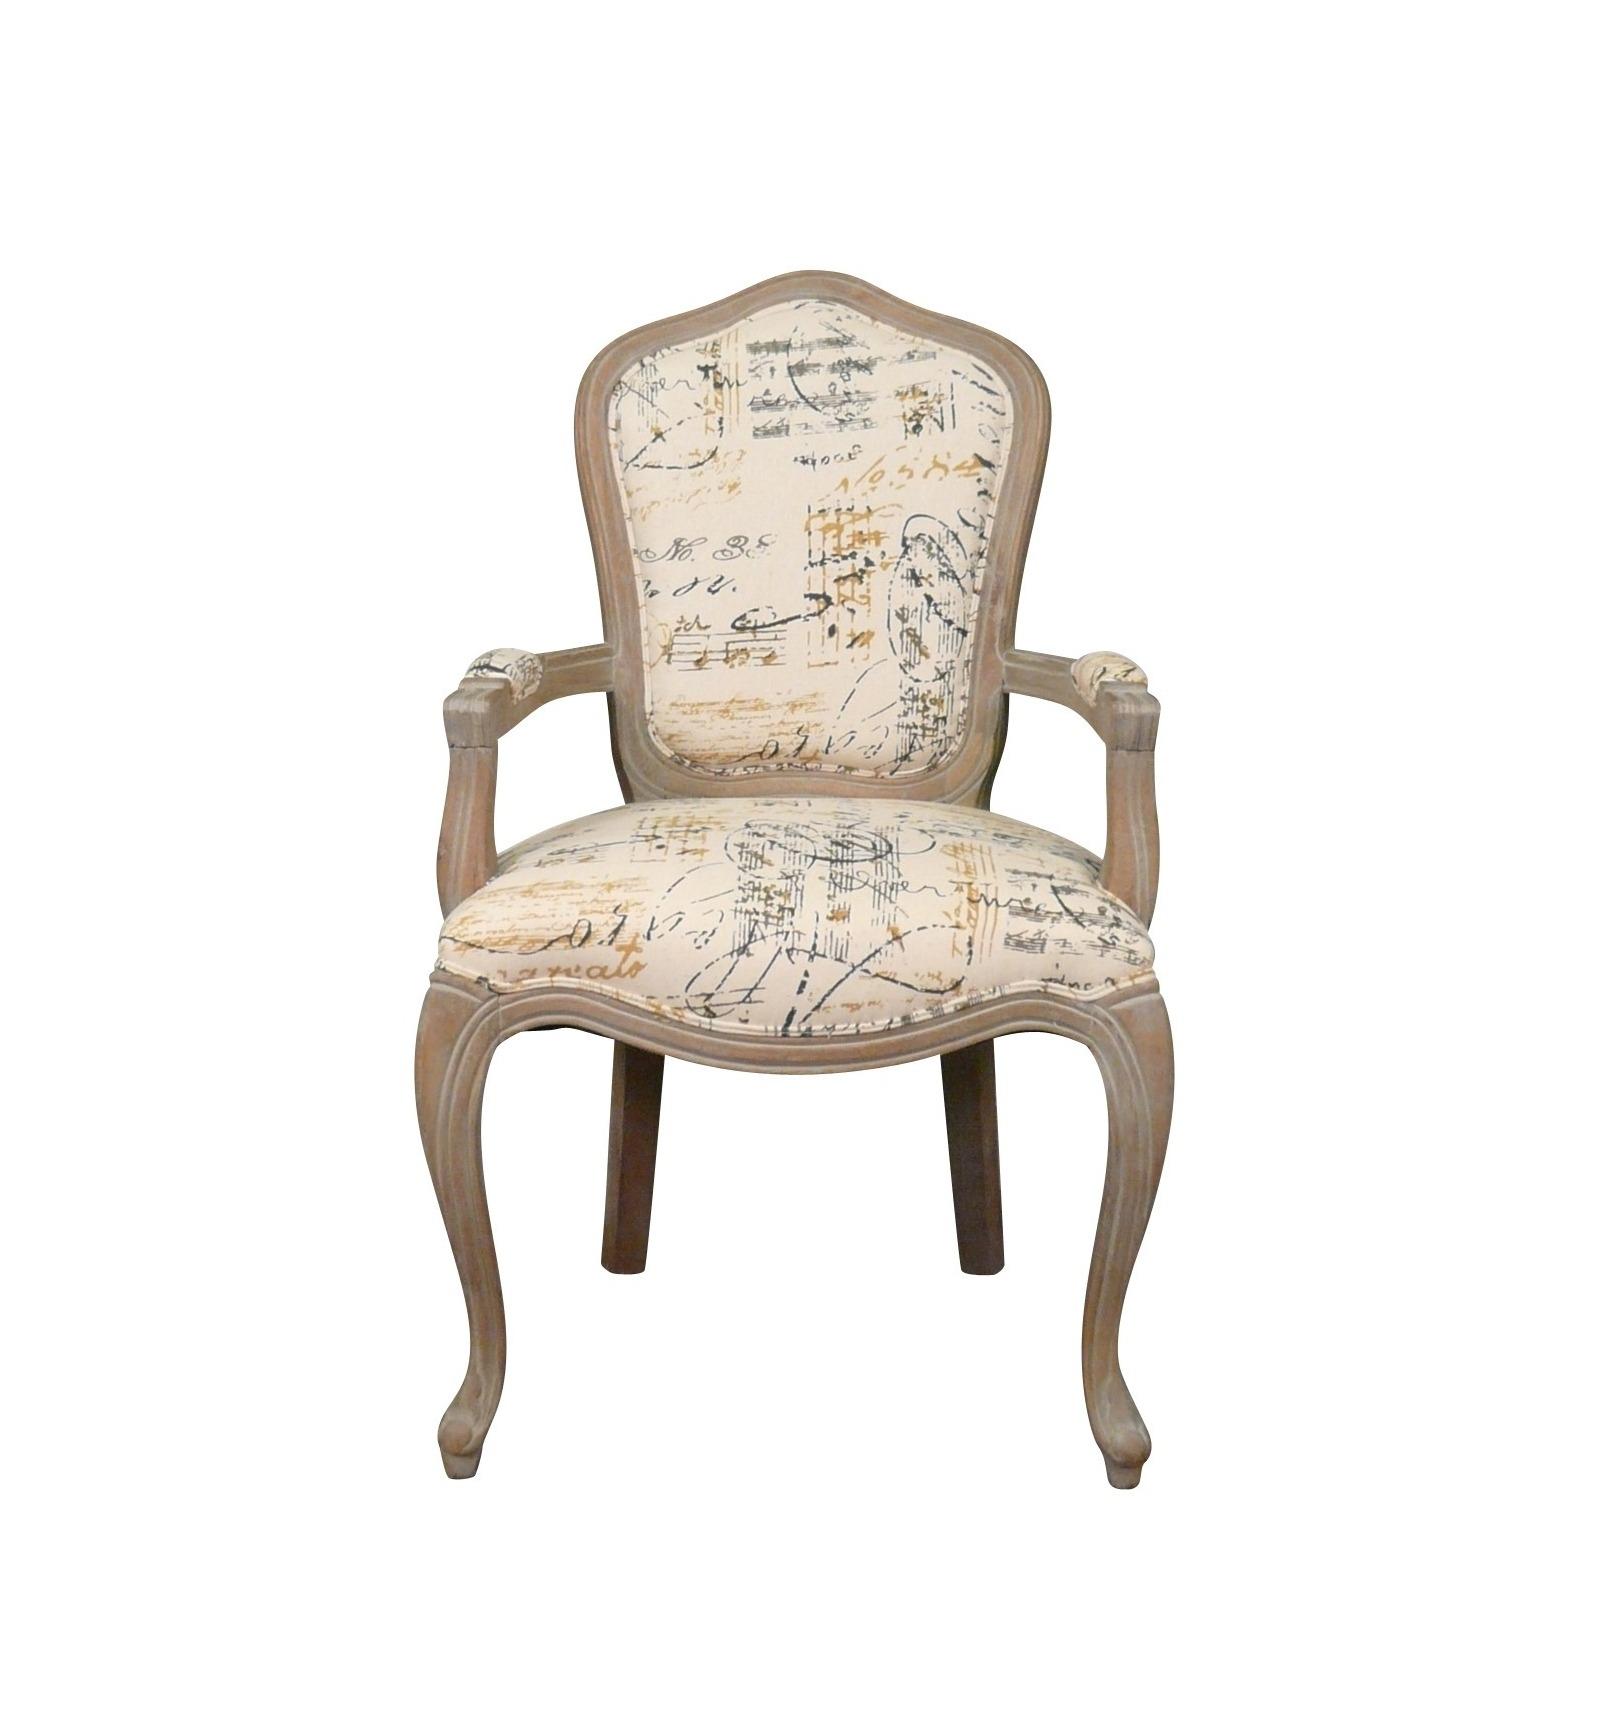 fauteuil louis xv amadeus fauteuil cabriolet. Black Bedroom Furniture Sets. Home Design Ideas